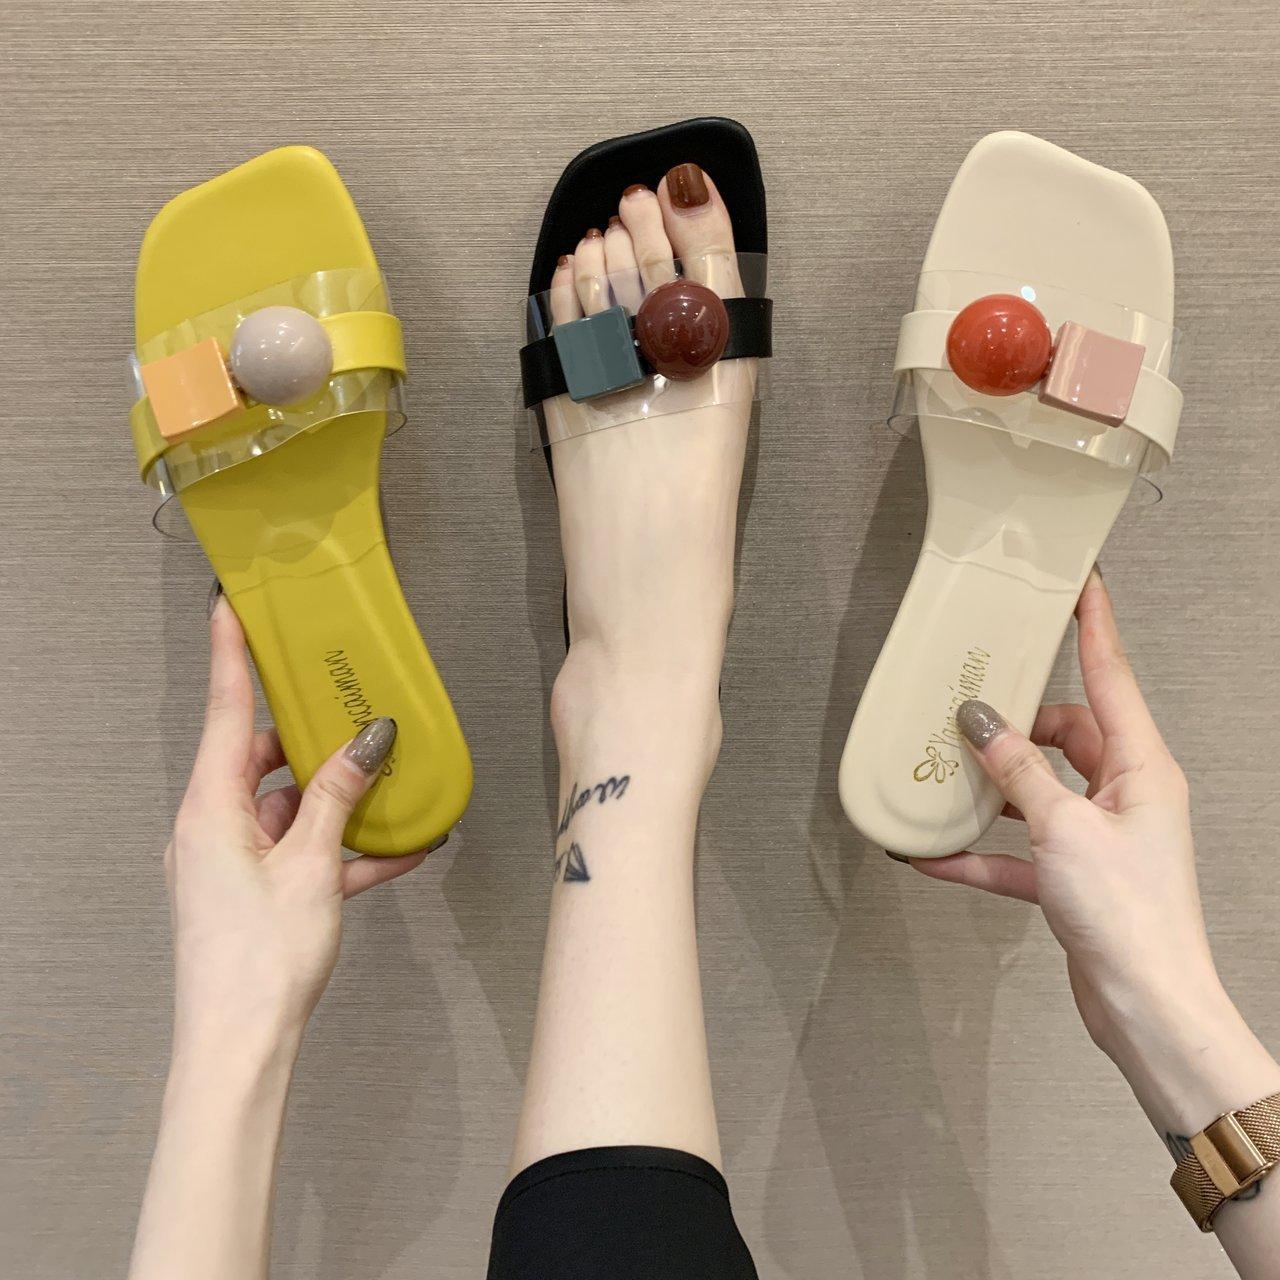 糖果色时尚平底鞋 2021年韩版新款时尚拖鞋女夏外穿网红糖果色平底一字拖潮款凉拖_推荐淘宝好看的女糖果色时尚平底鞋